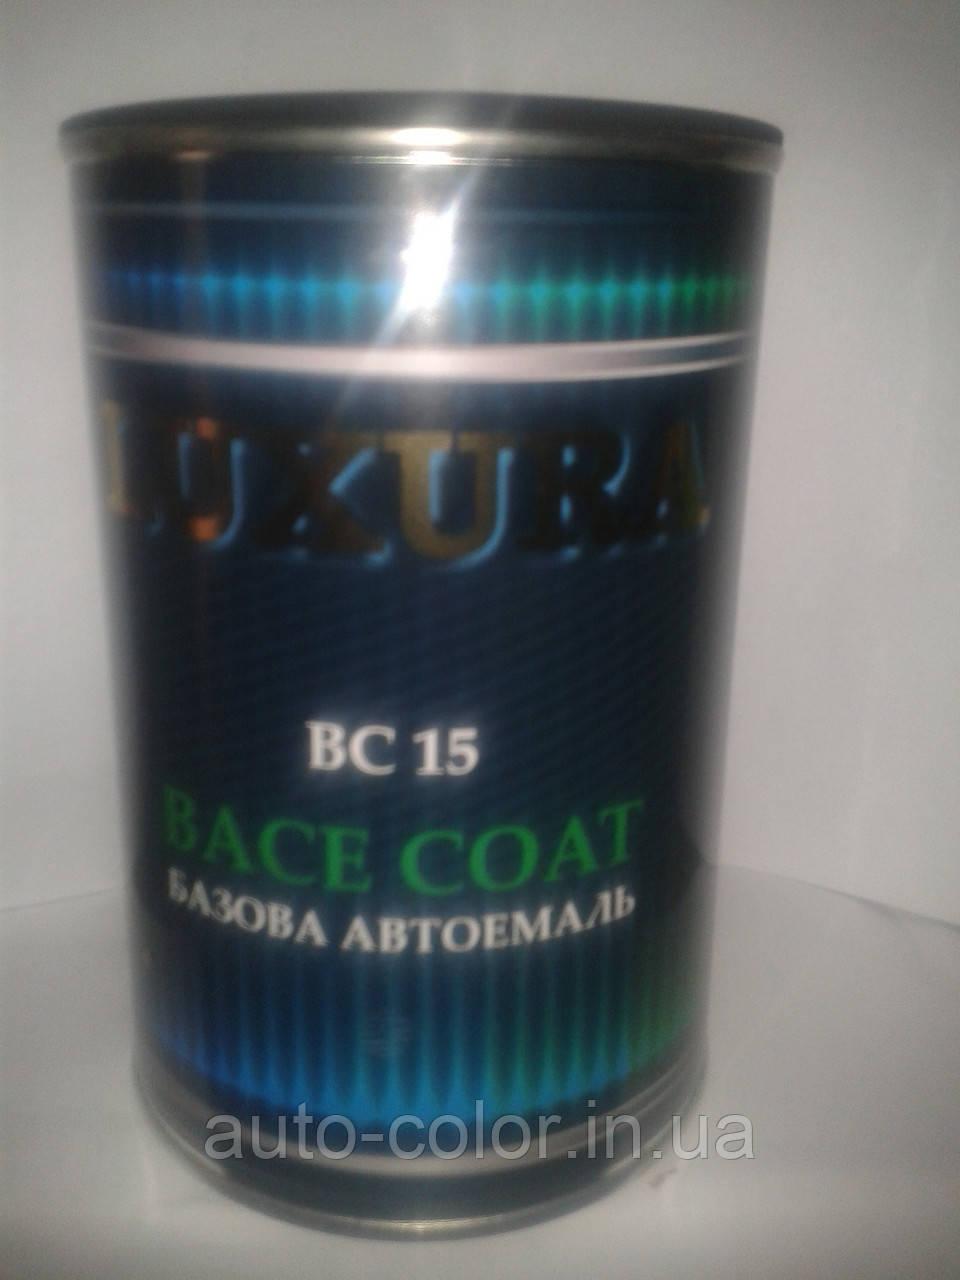 626 Мокрий асфальт Базова автоемаль Luxura 1 л